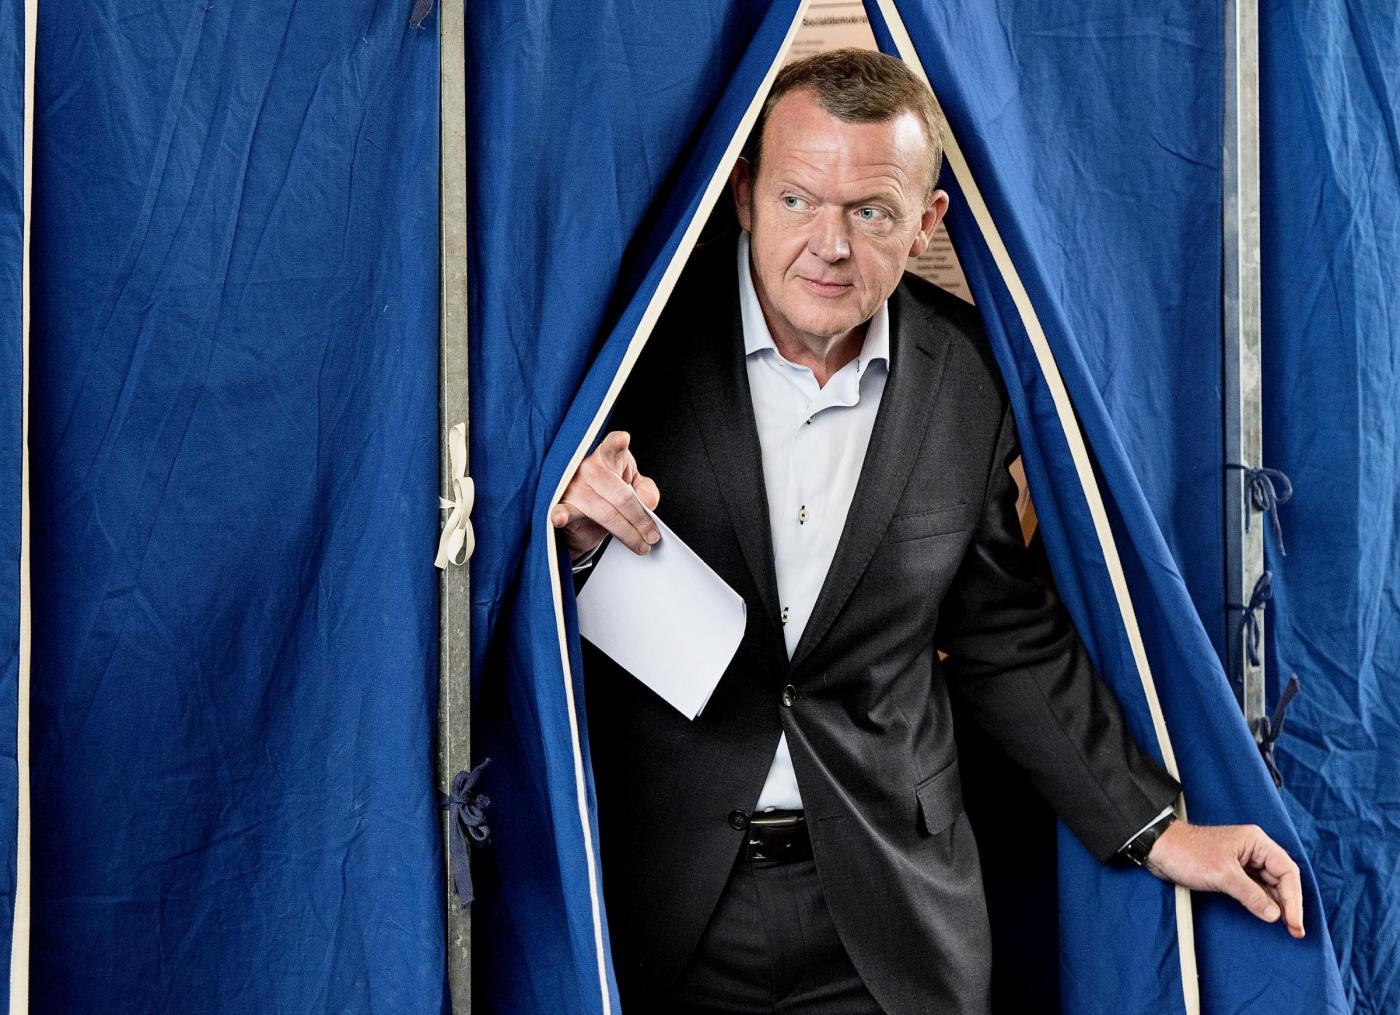 Elezioni politiche in Danimarca: la destra riconquista il Parlamento